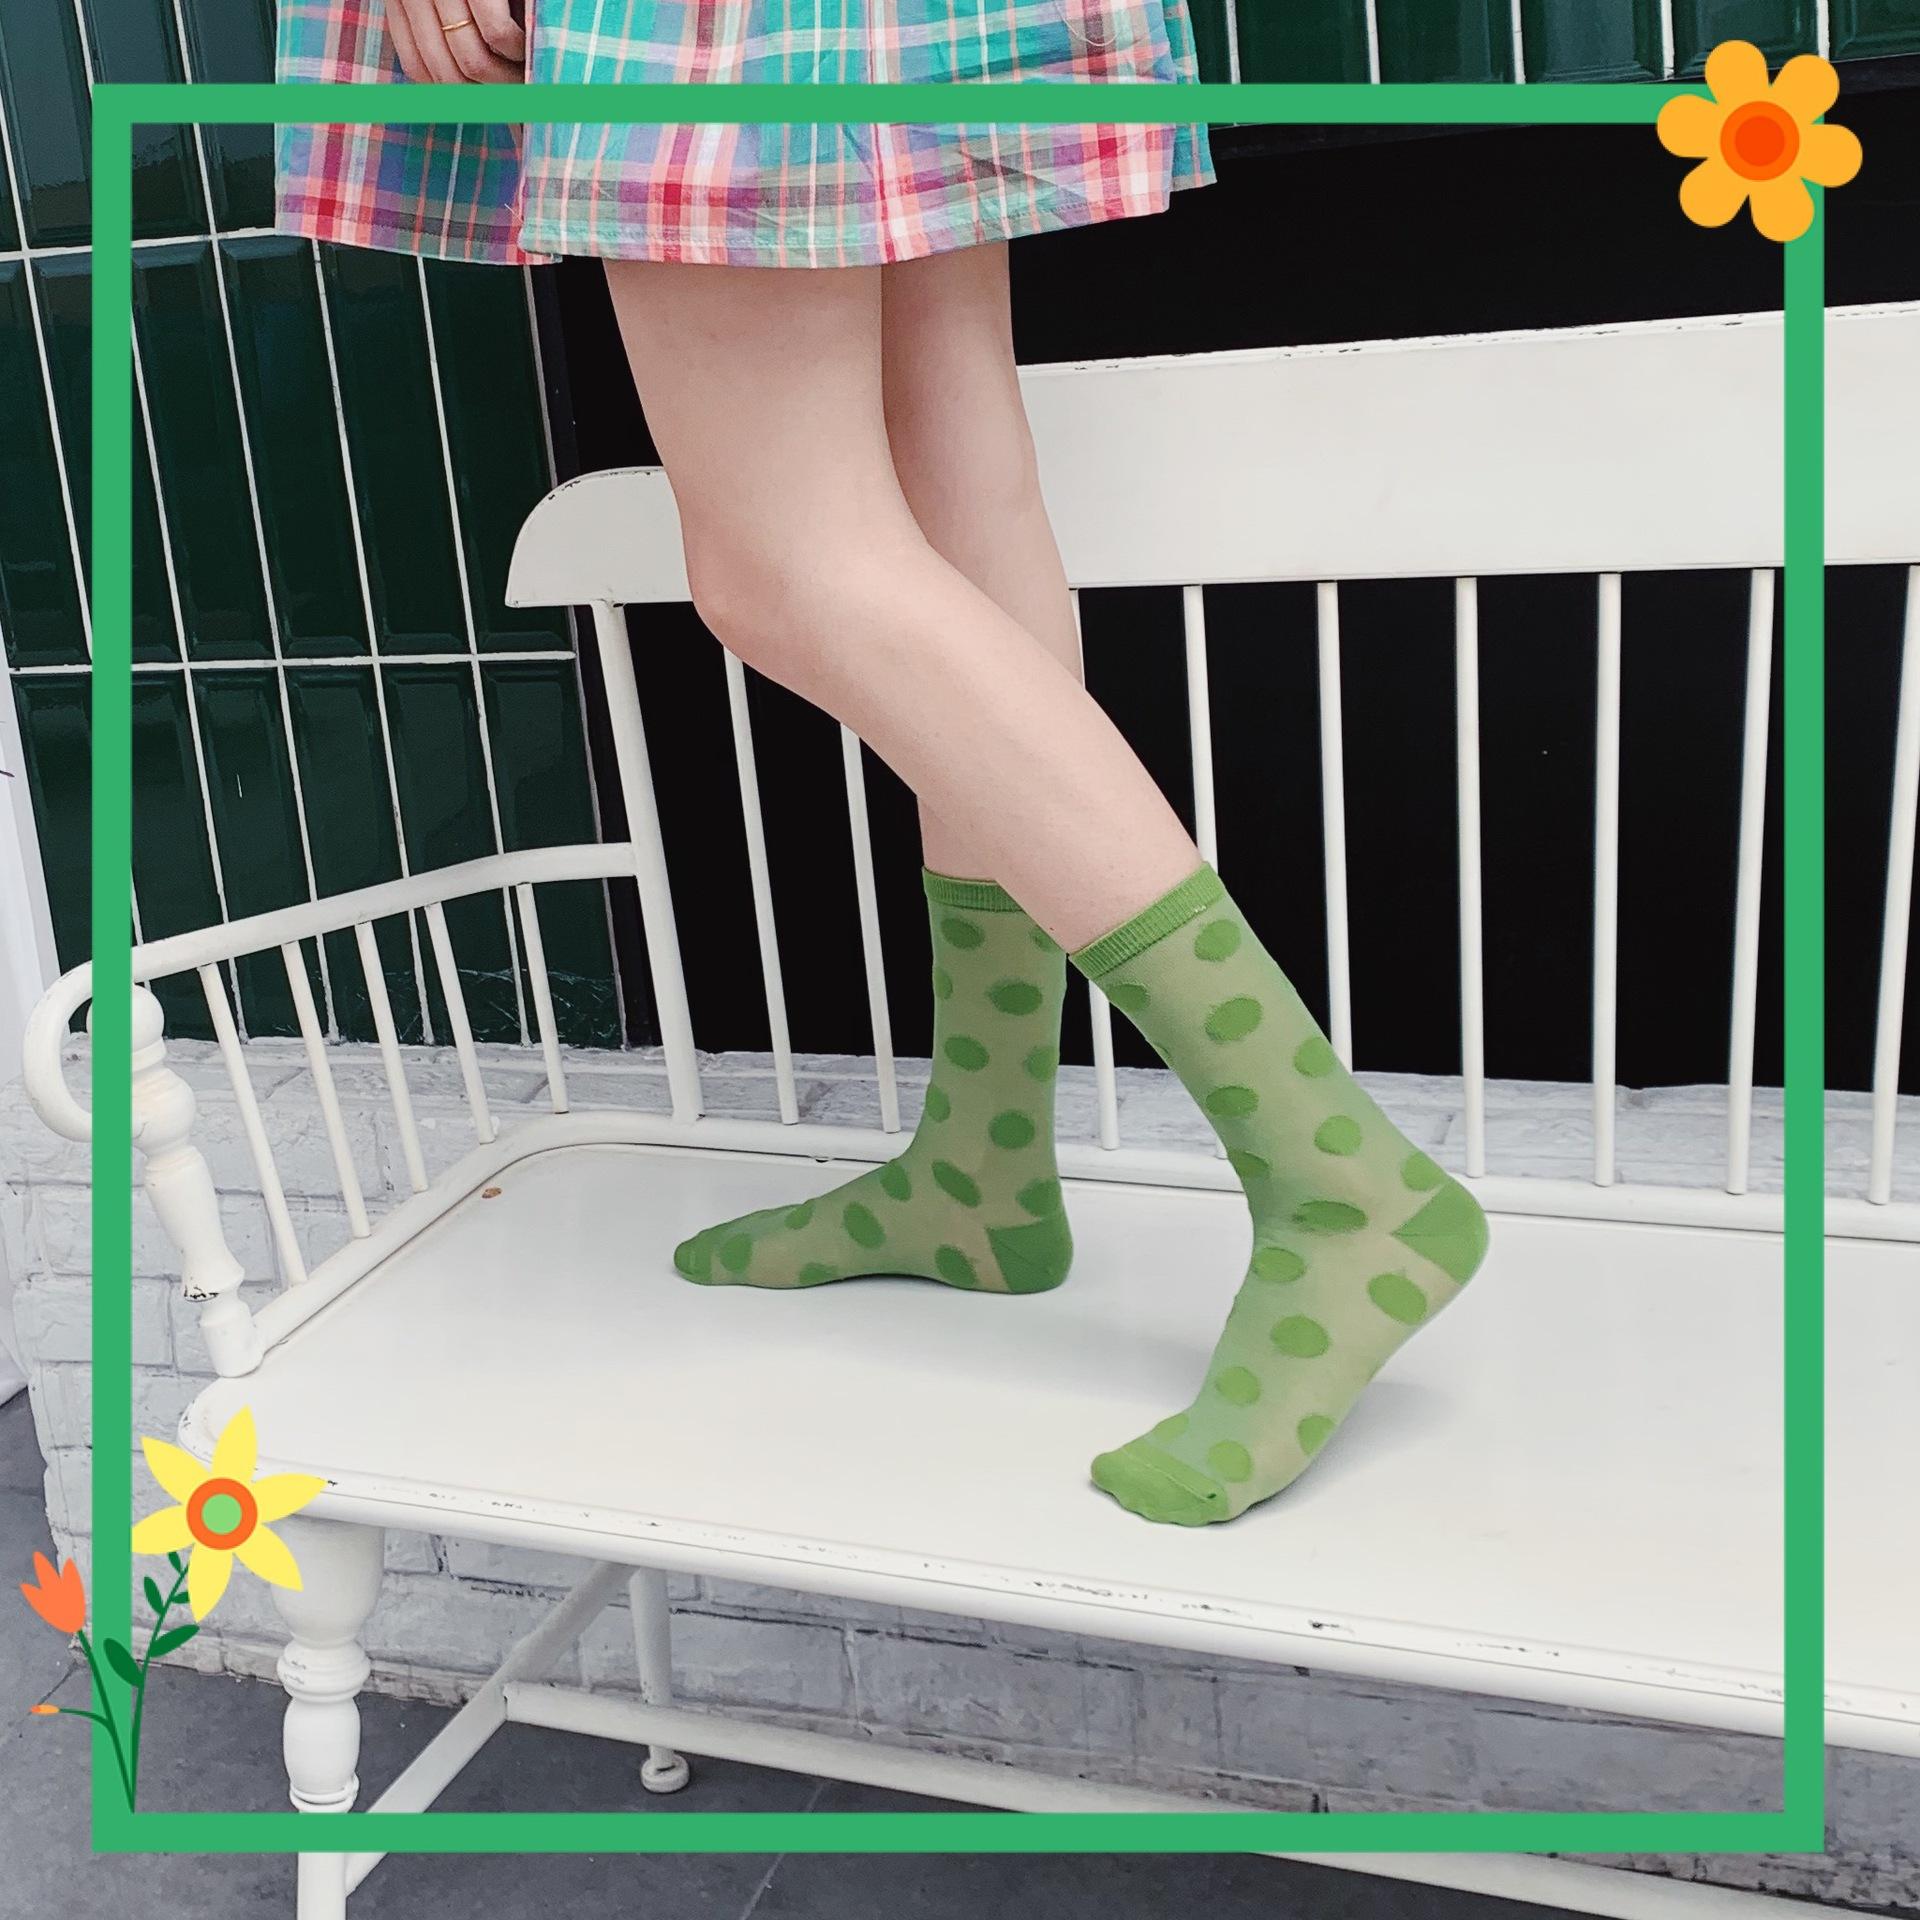 糖果色短丝袜 2021新款日系女士短丝袜夏季薄款波点袜子女潮圆点中筒袜糖果色_推荐淘宝好看的糖果色短丝袜